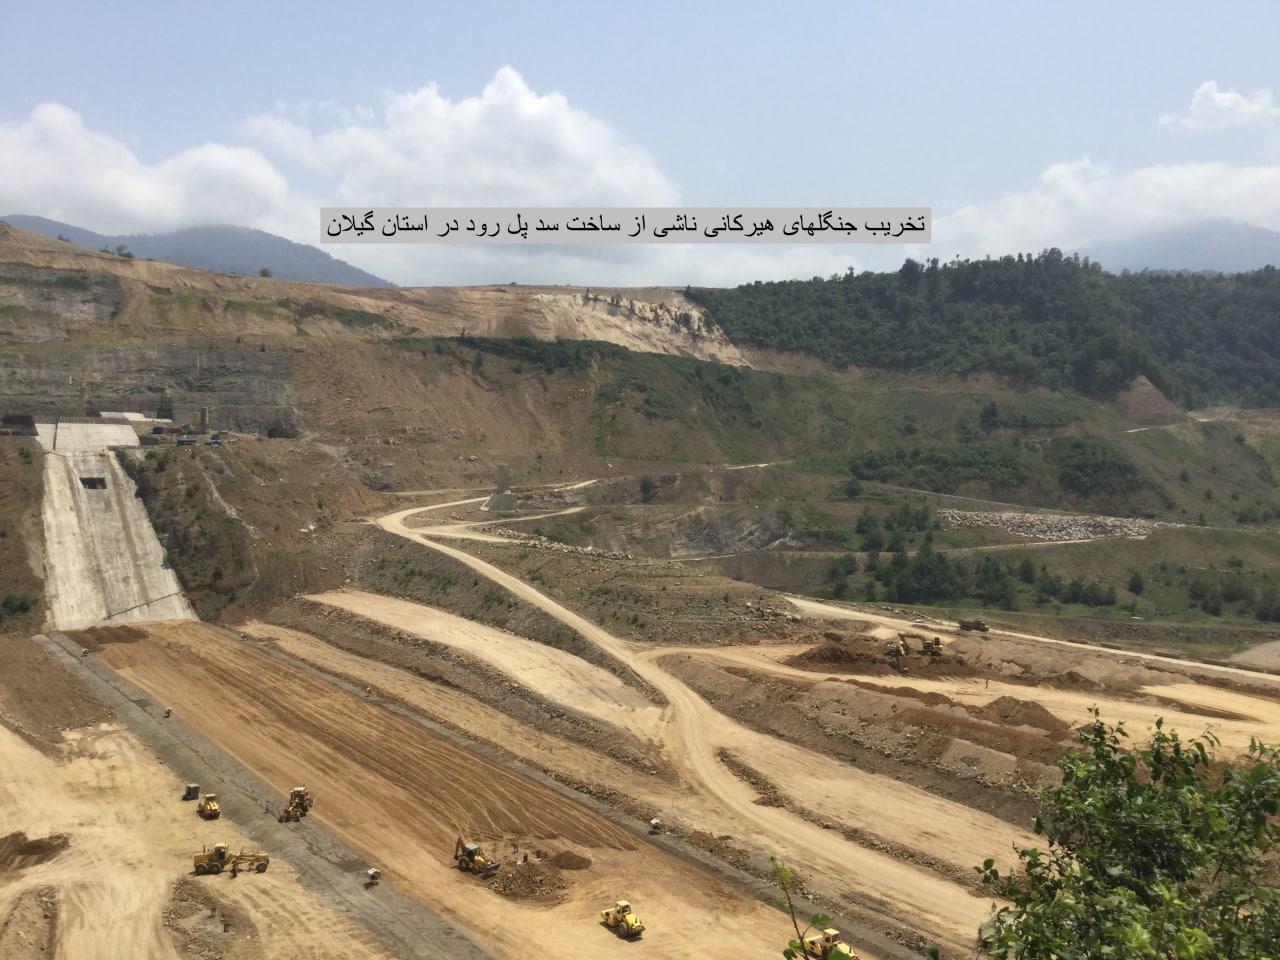 روایتی از تخریب دهها ساله جنگلهای ایران